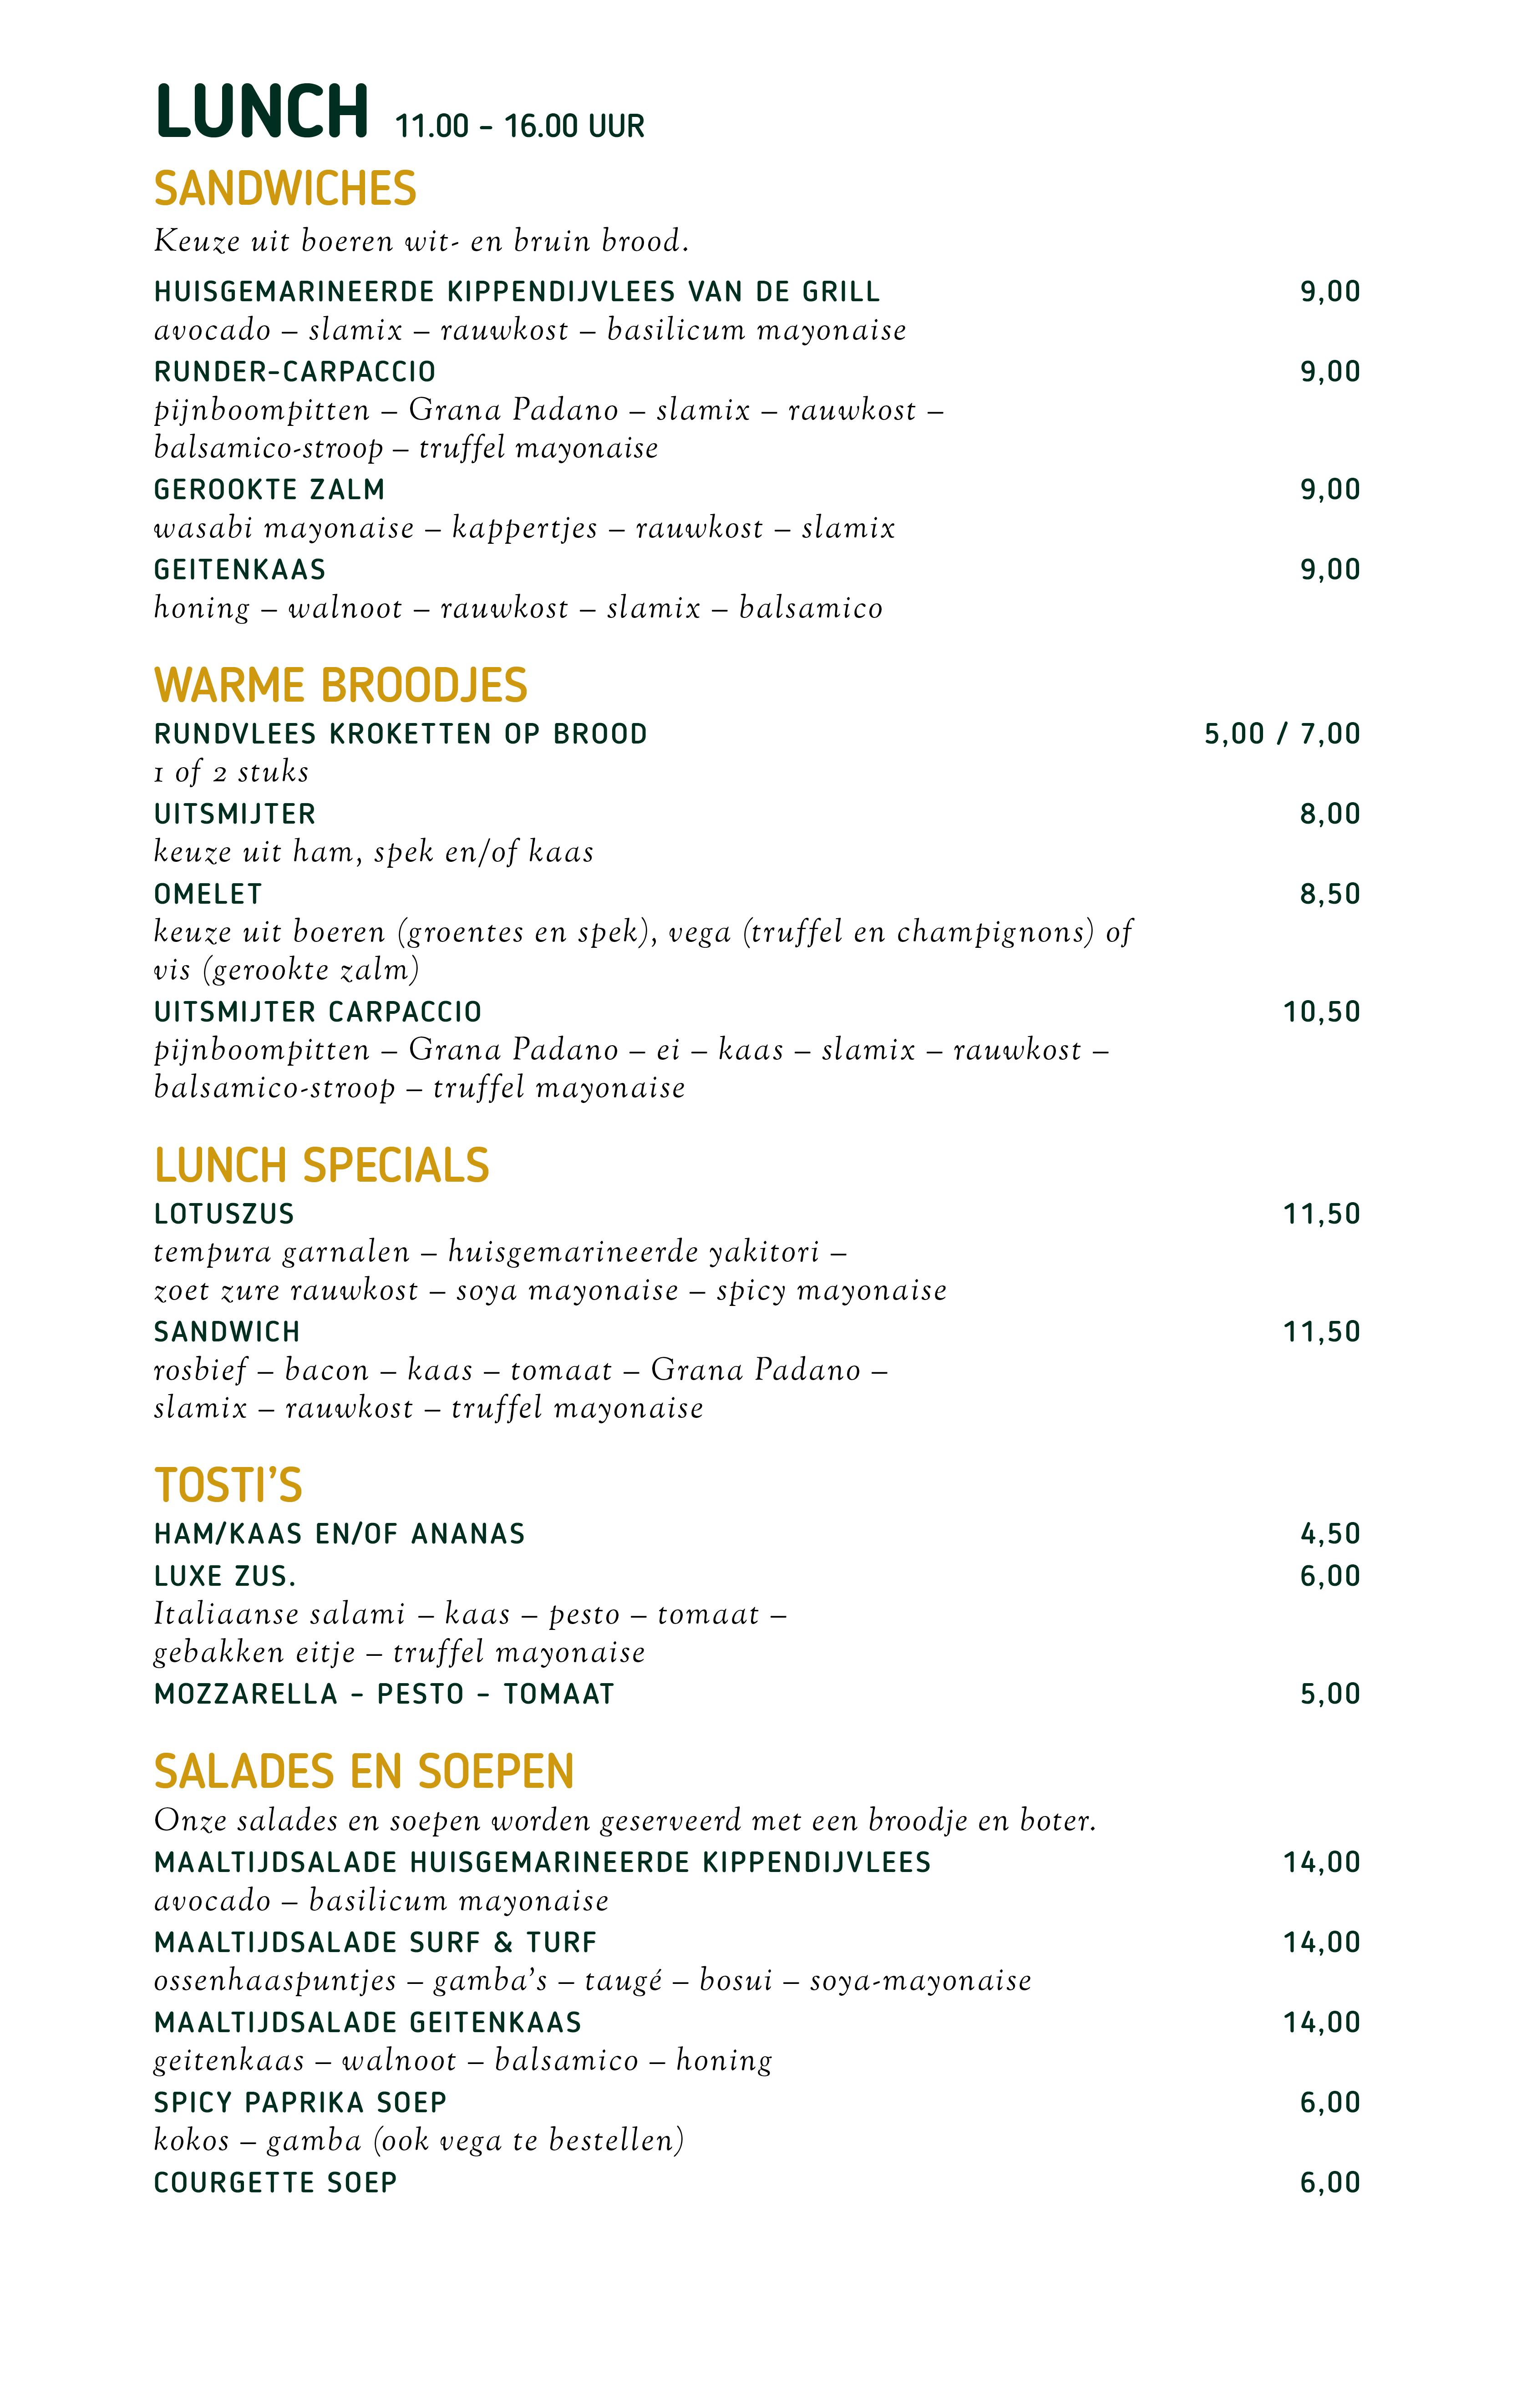 online_menukaarten_zus_2020_JULI2